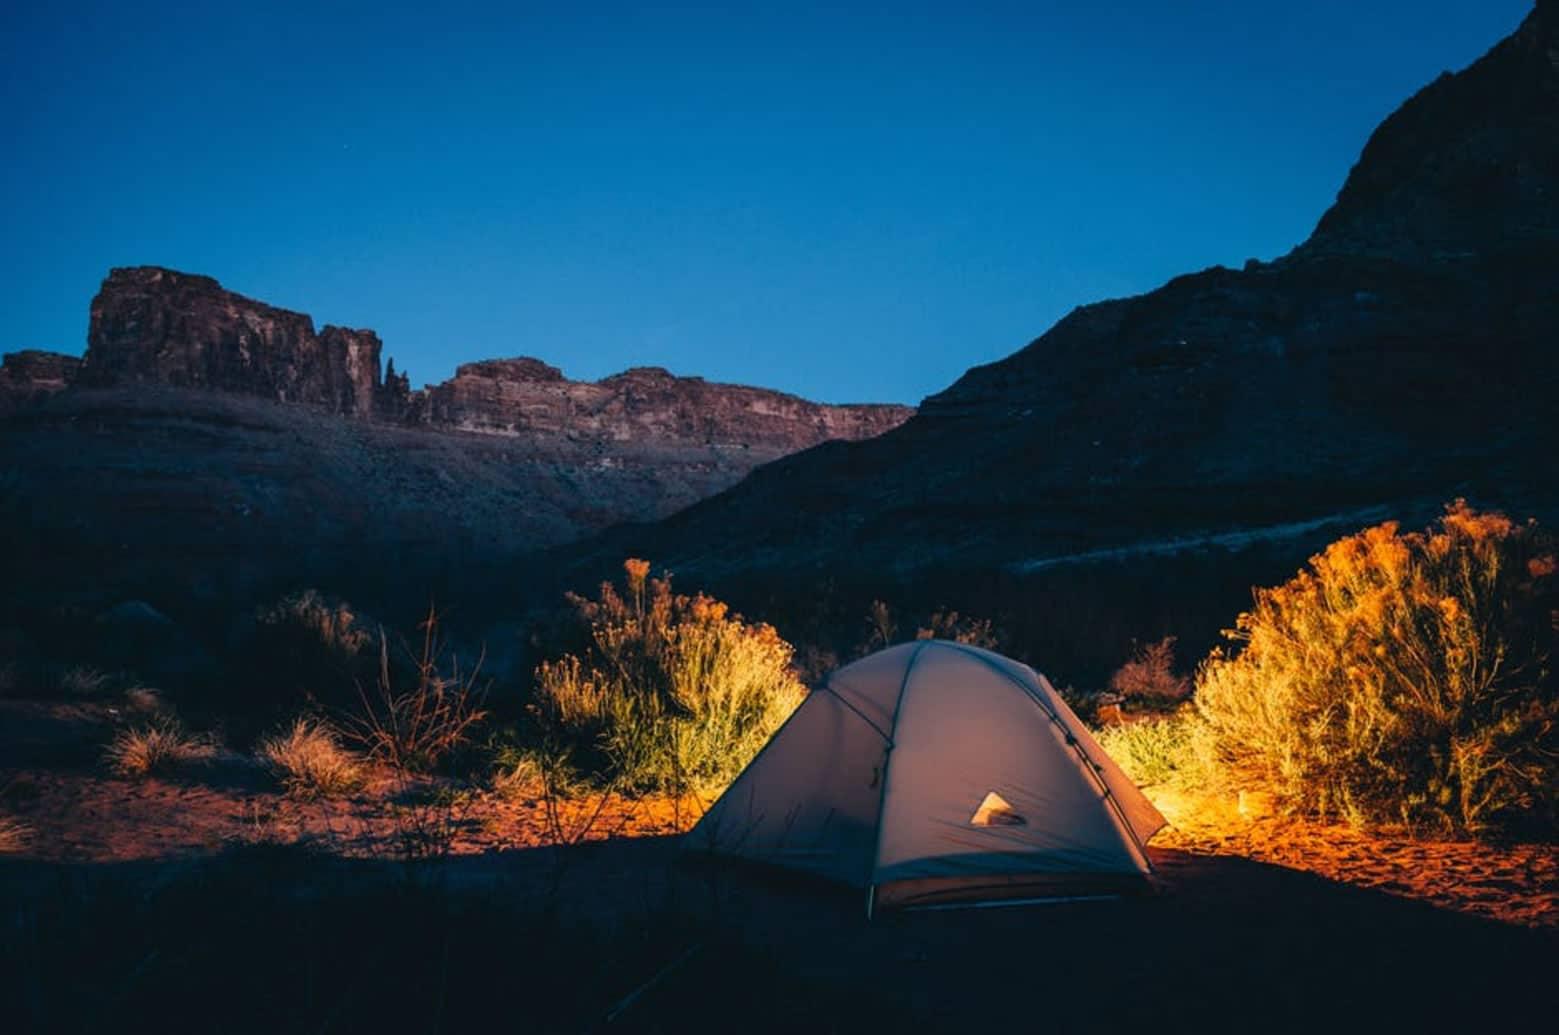 Camping Australia: Top Destinations